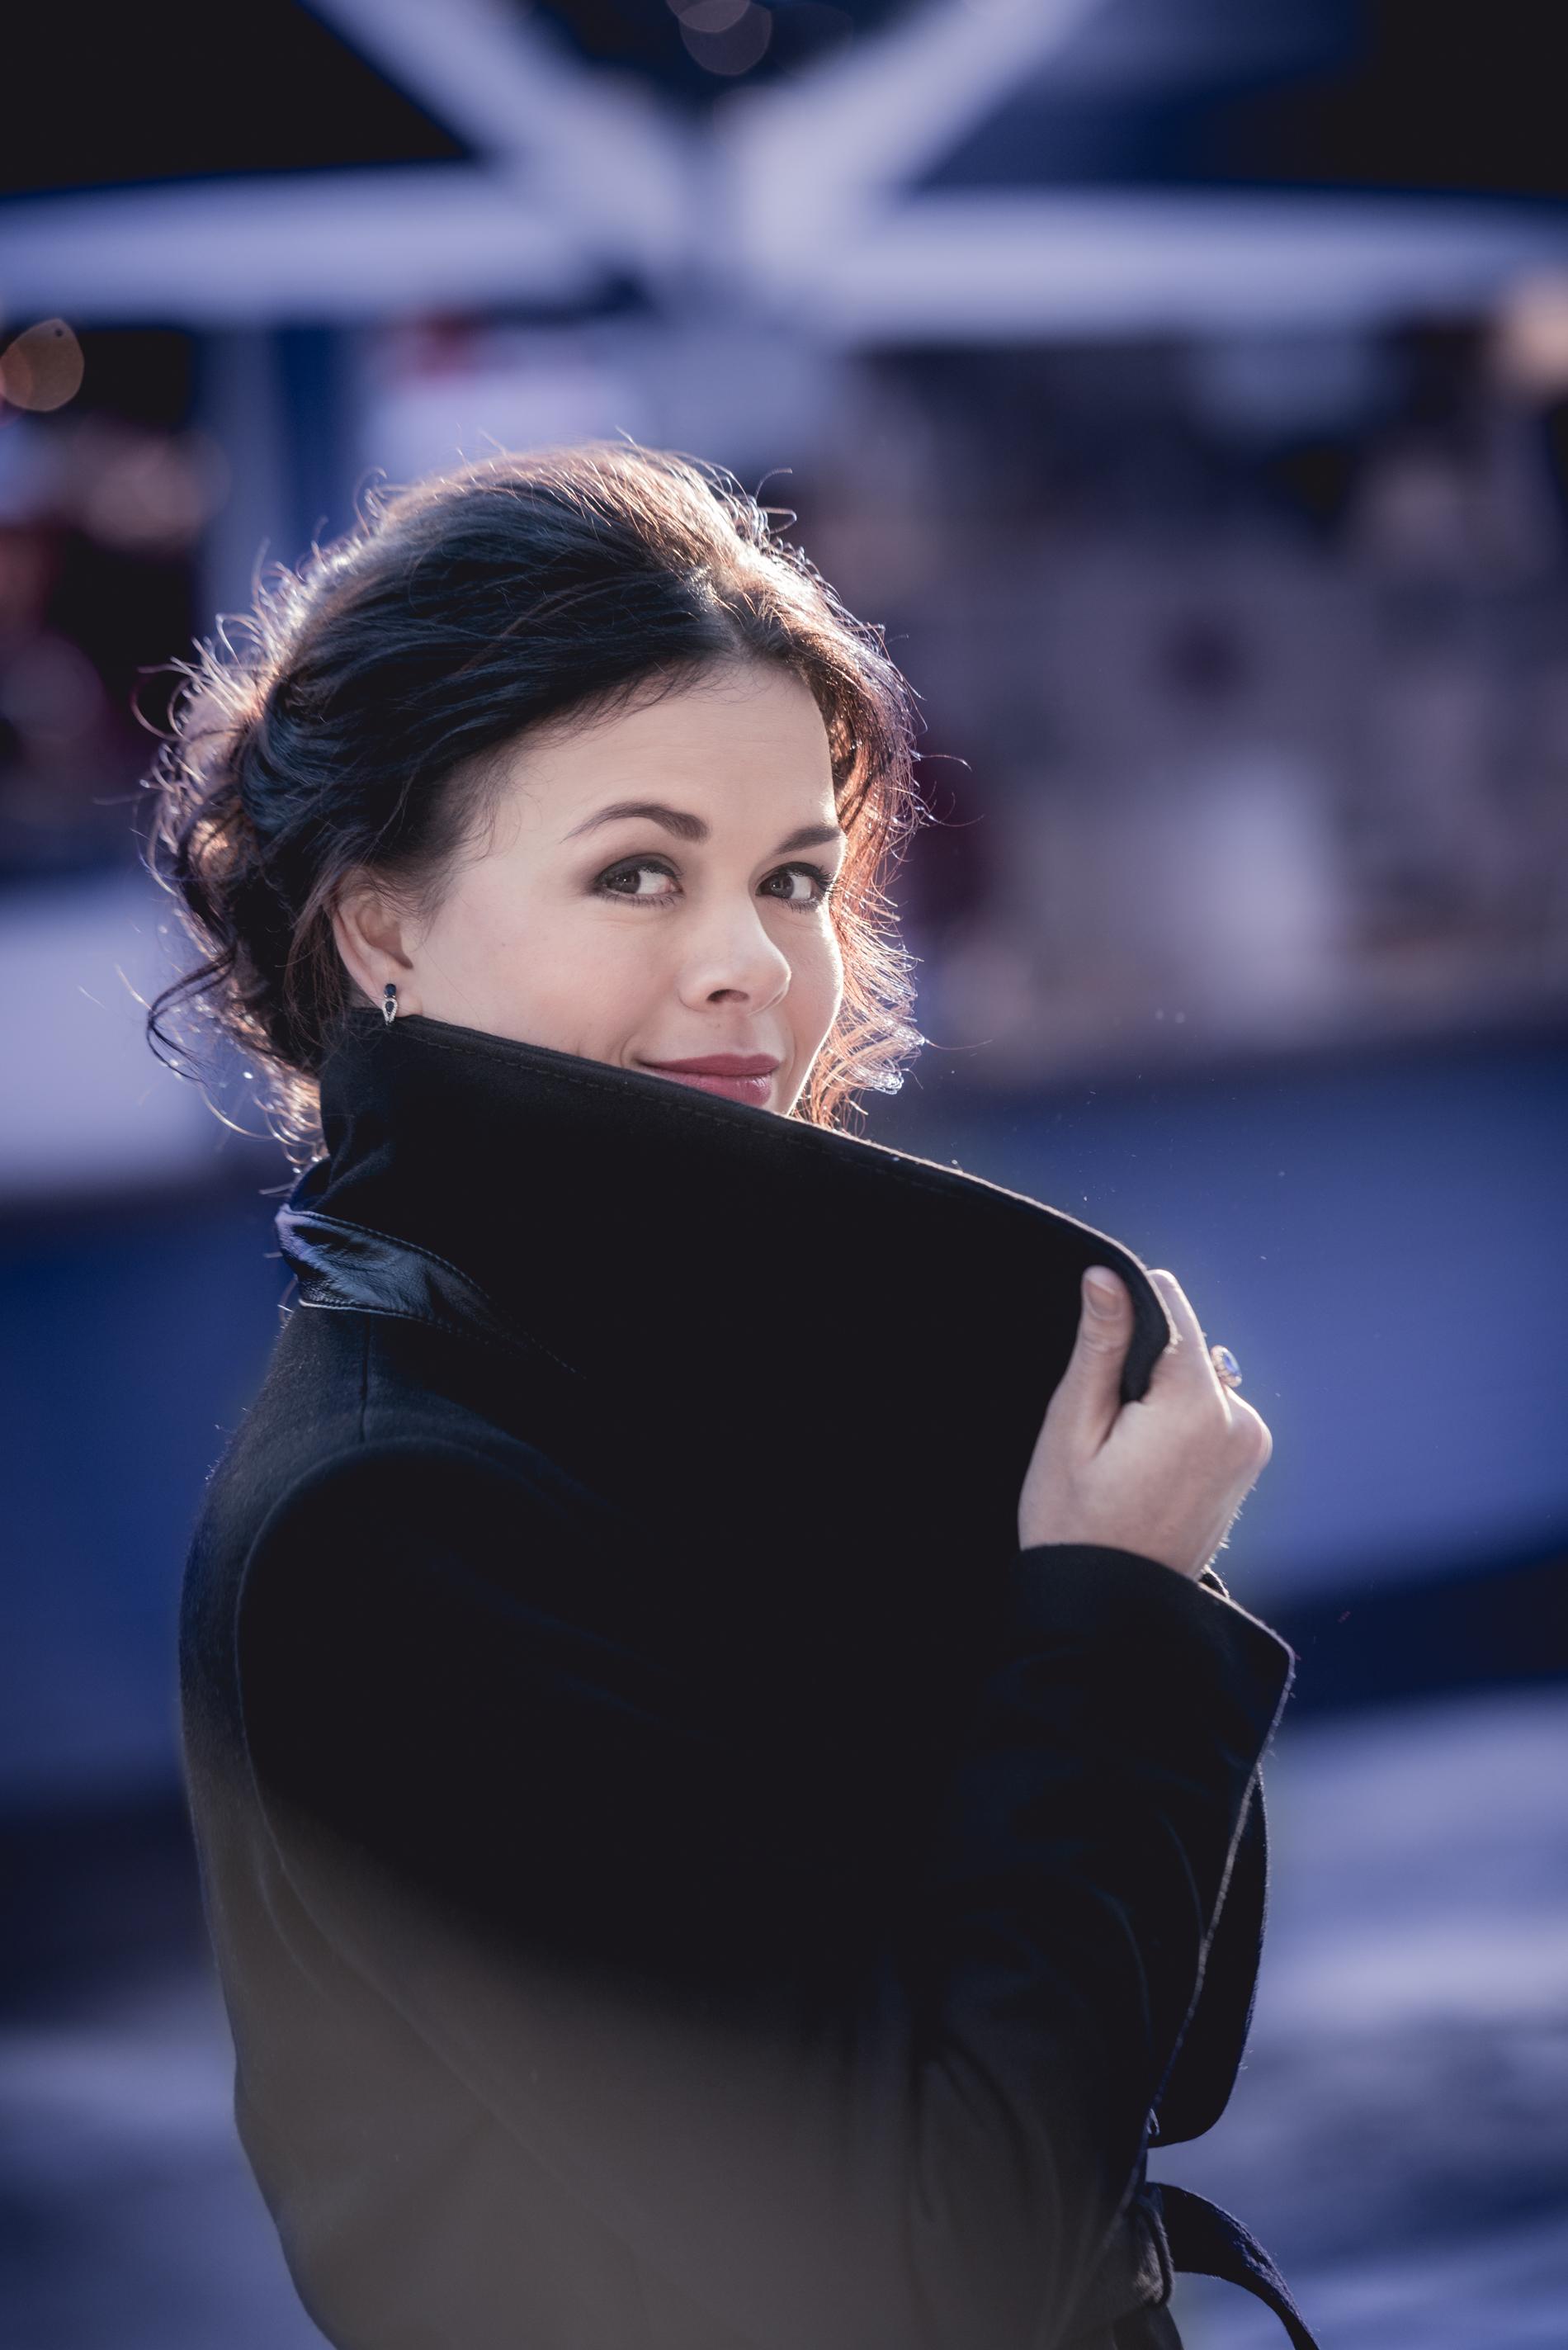 Nadezhda Karyazina